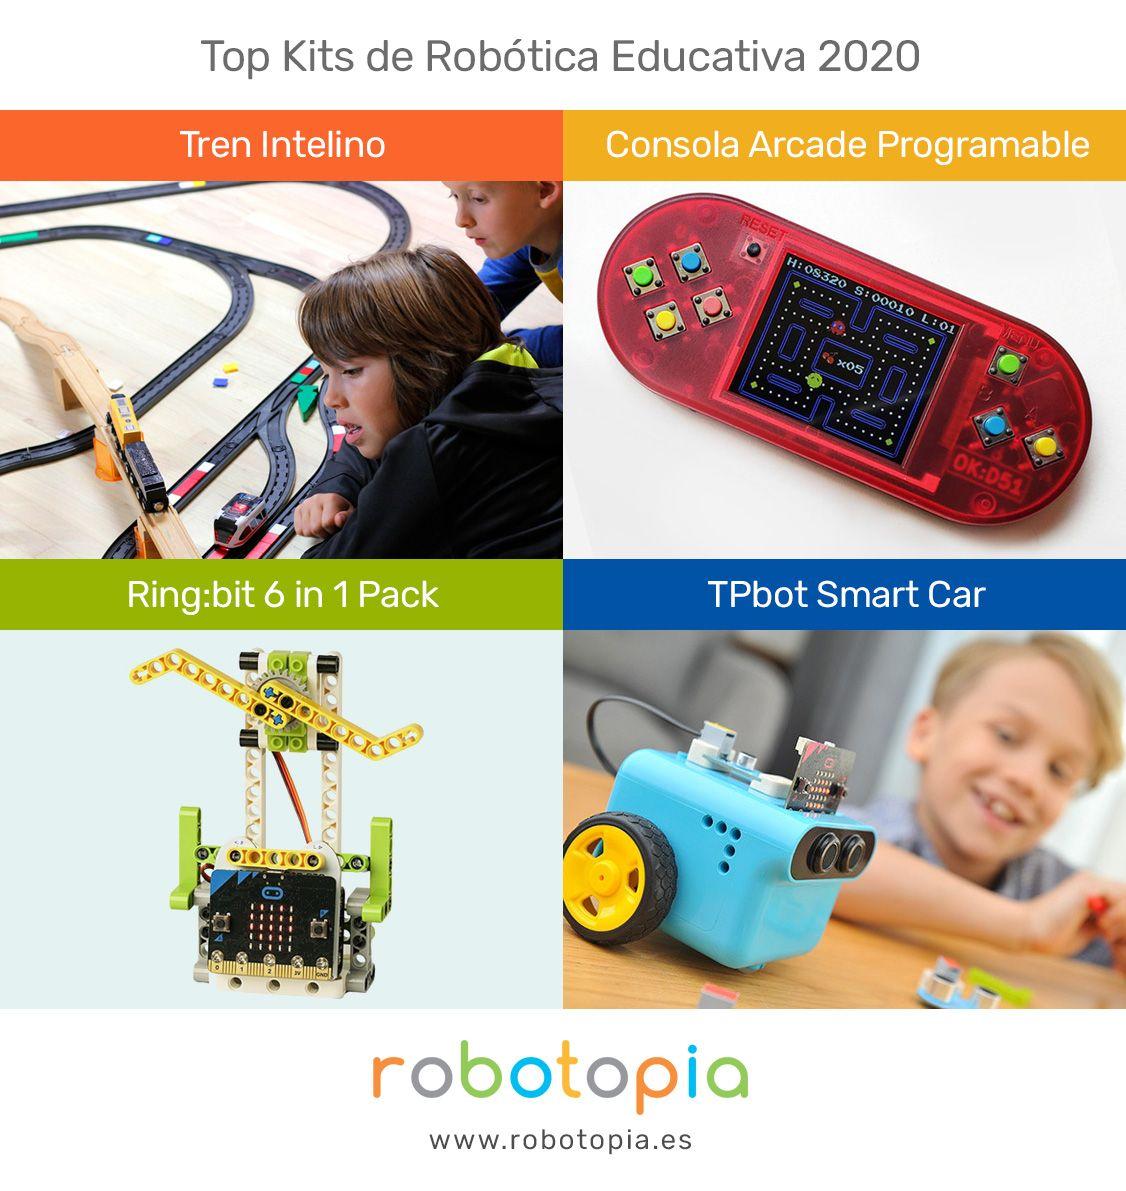 Foto de Top kits de robótica educativa 2020